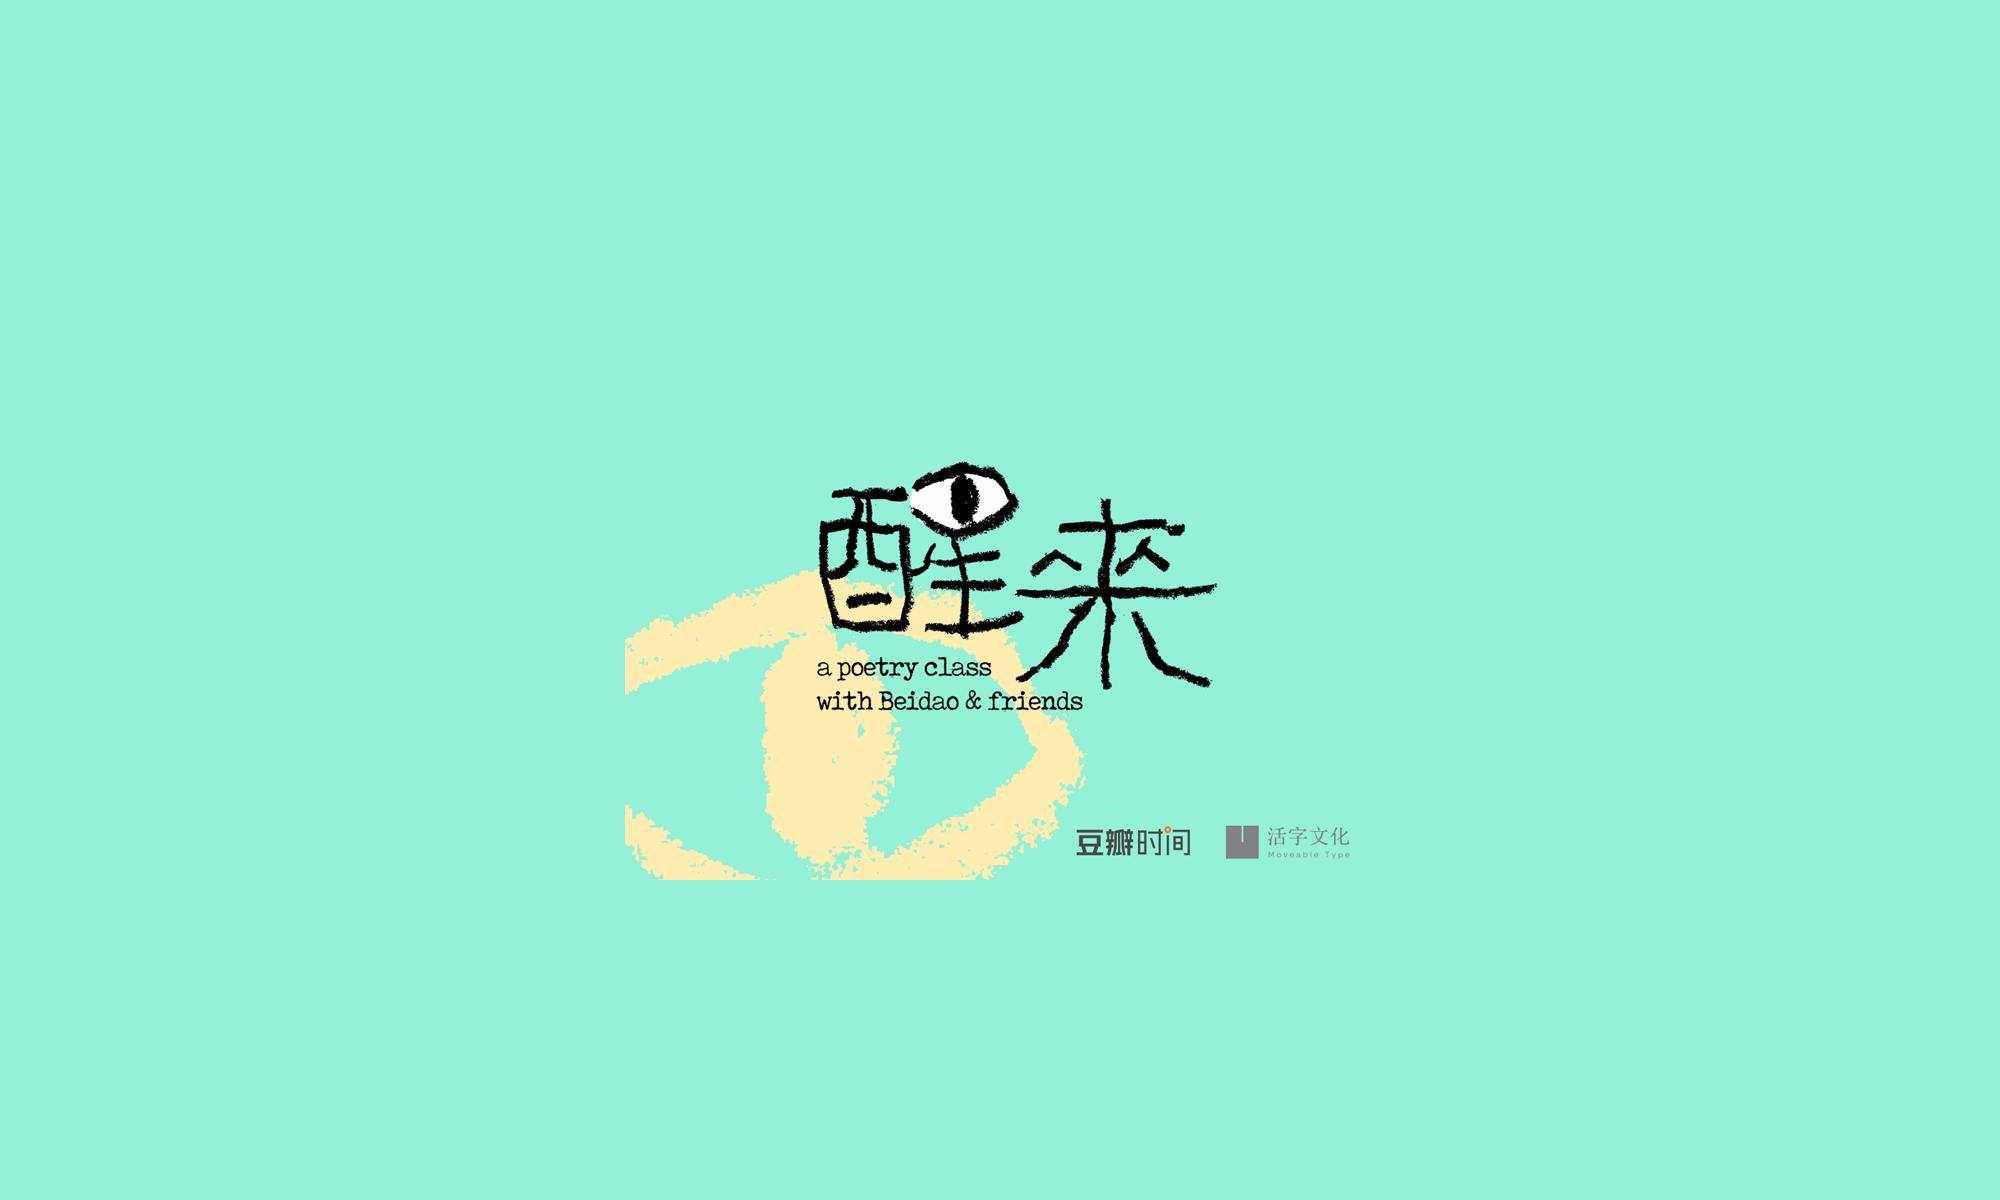 华熊のBlog